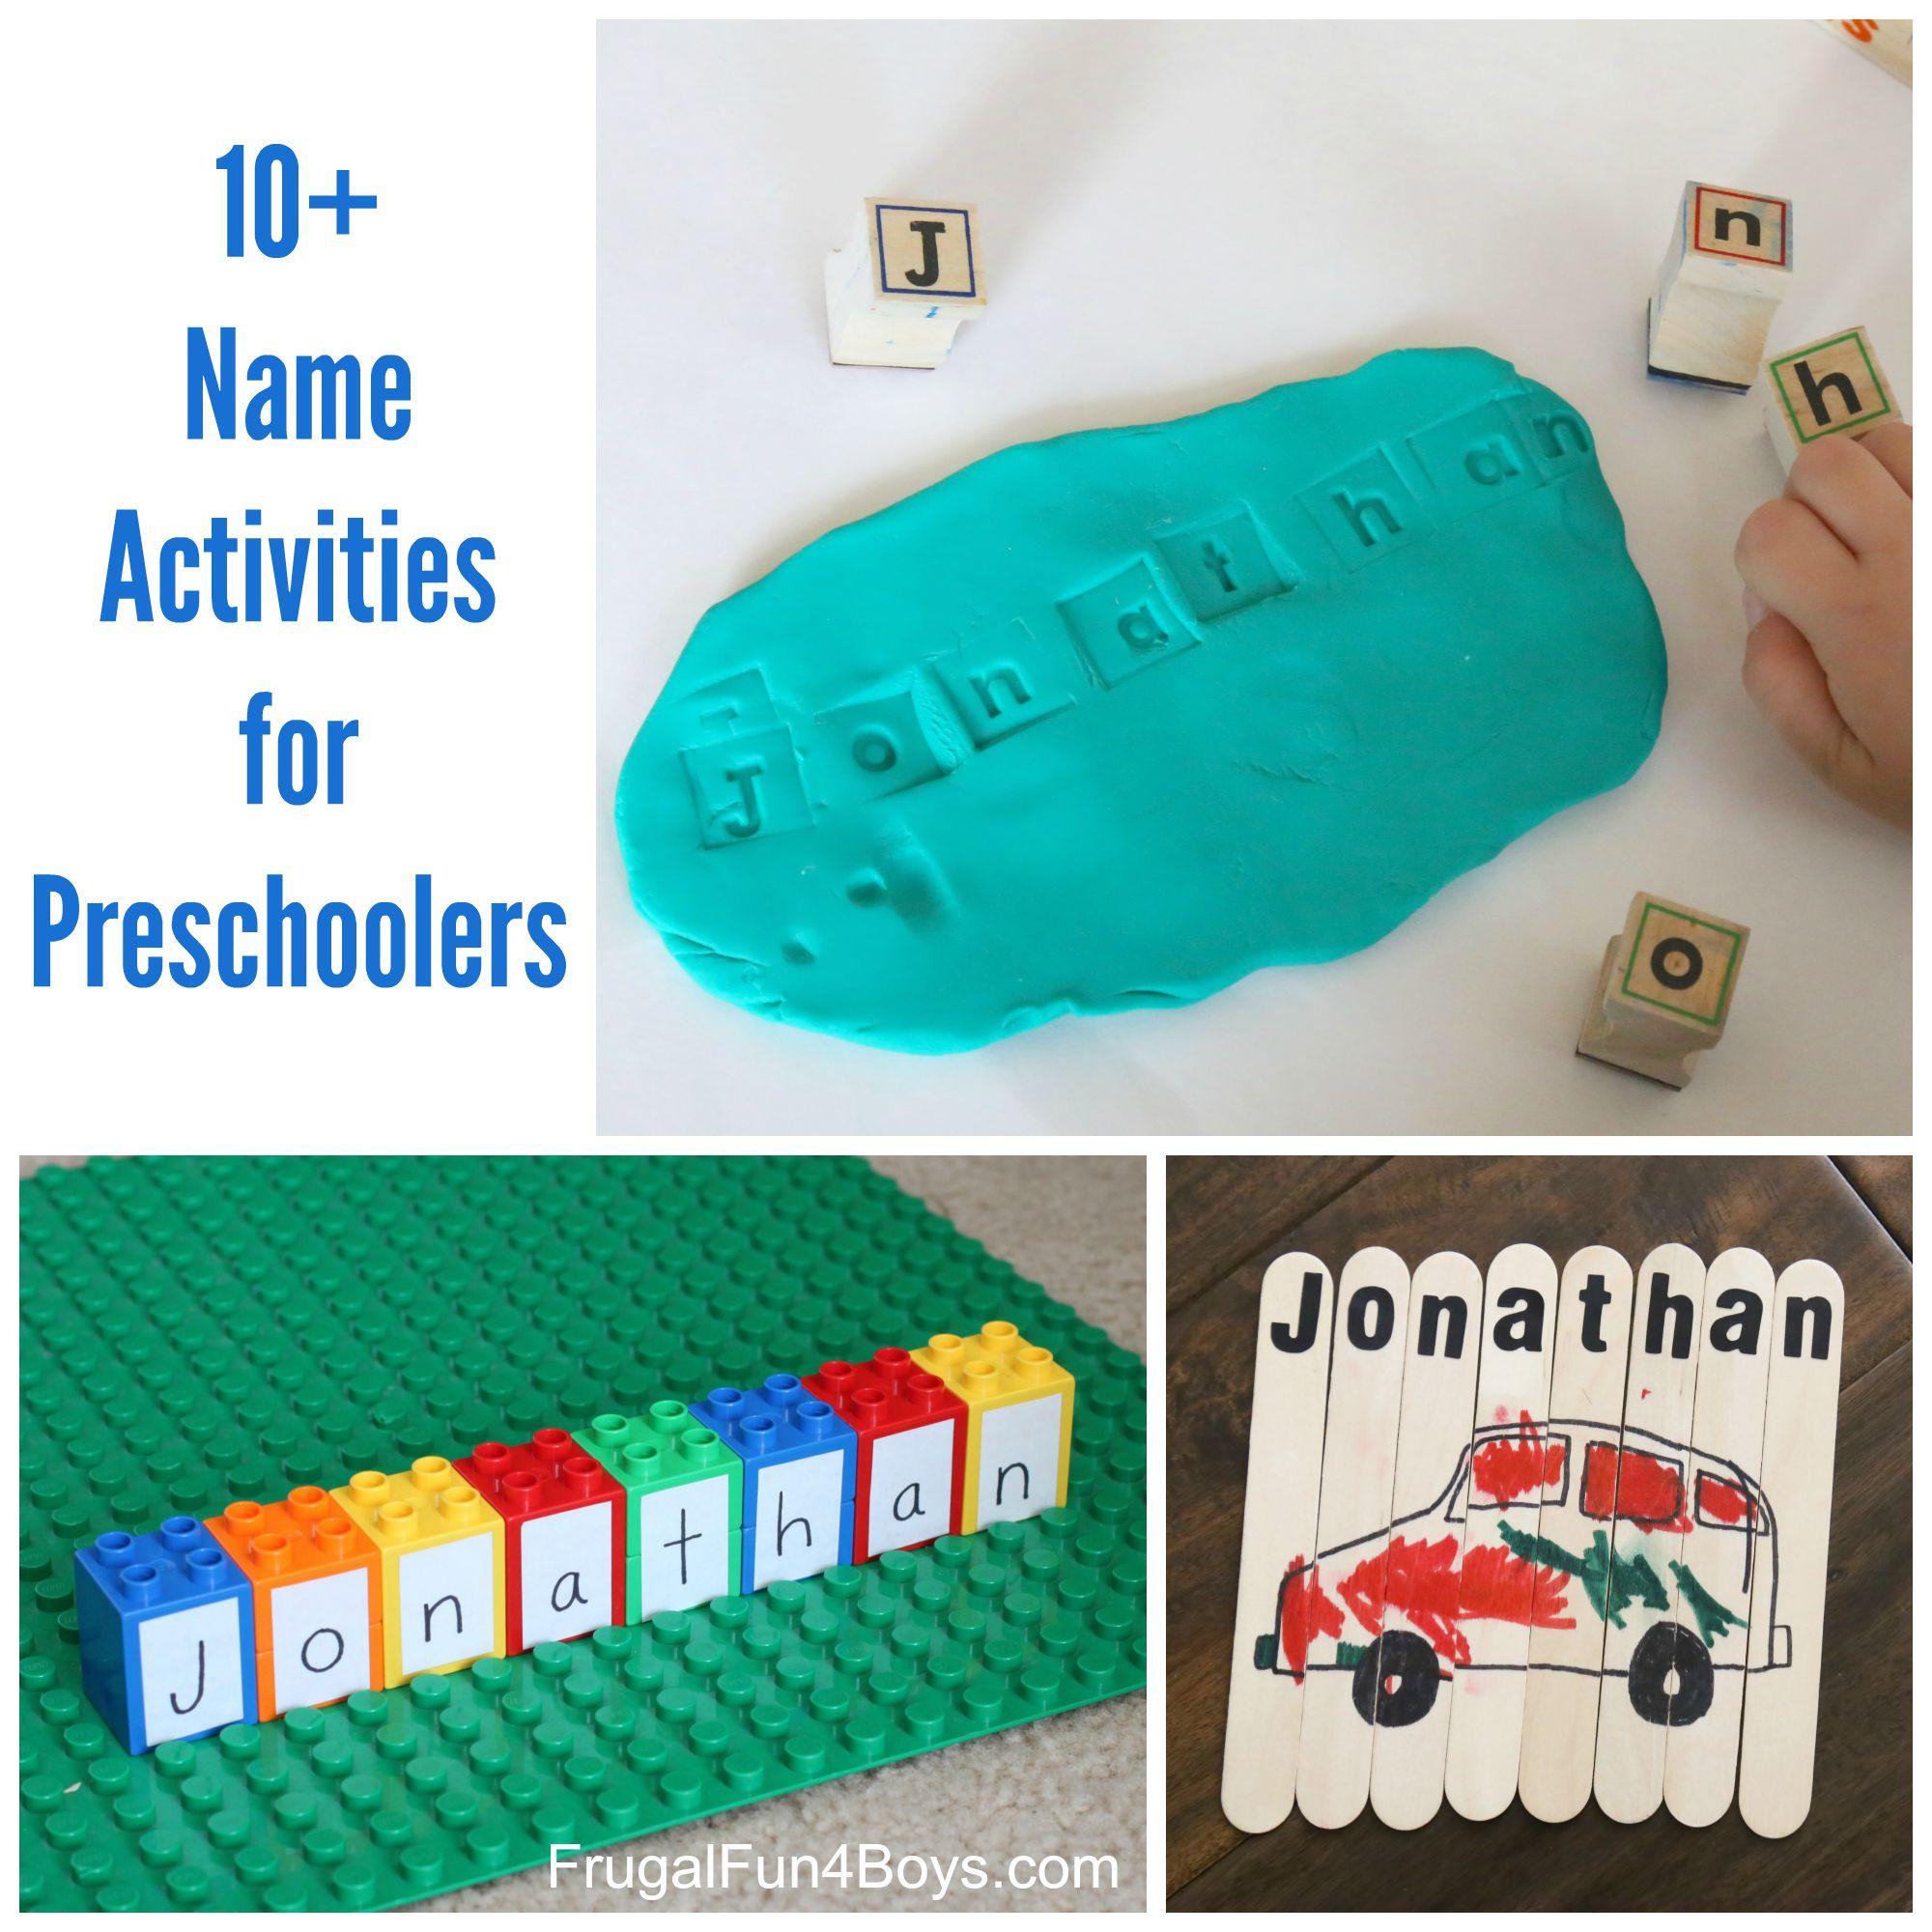 10+ Simple Name Activities for Preschoolers